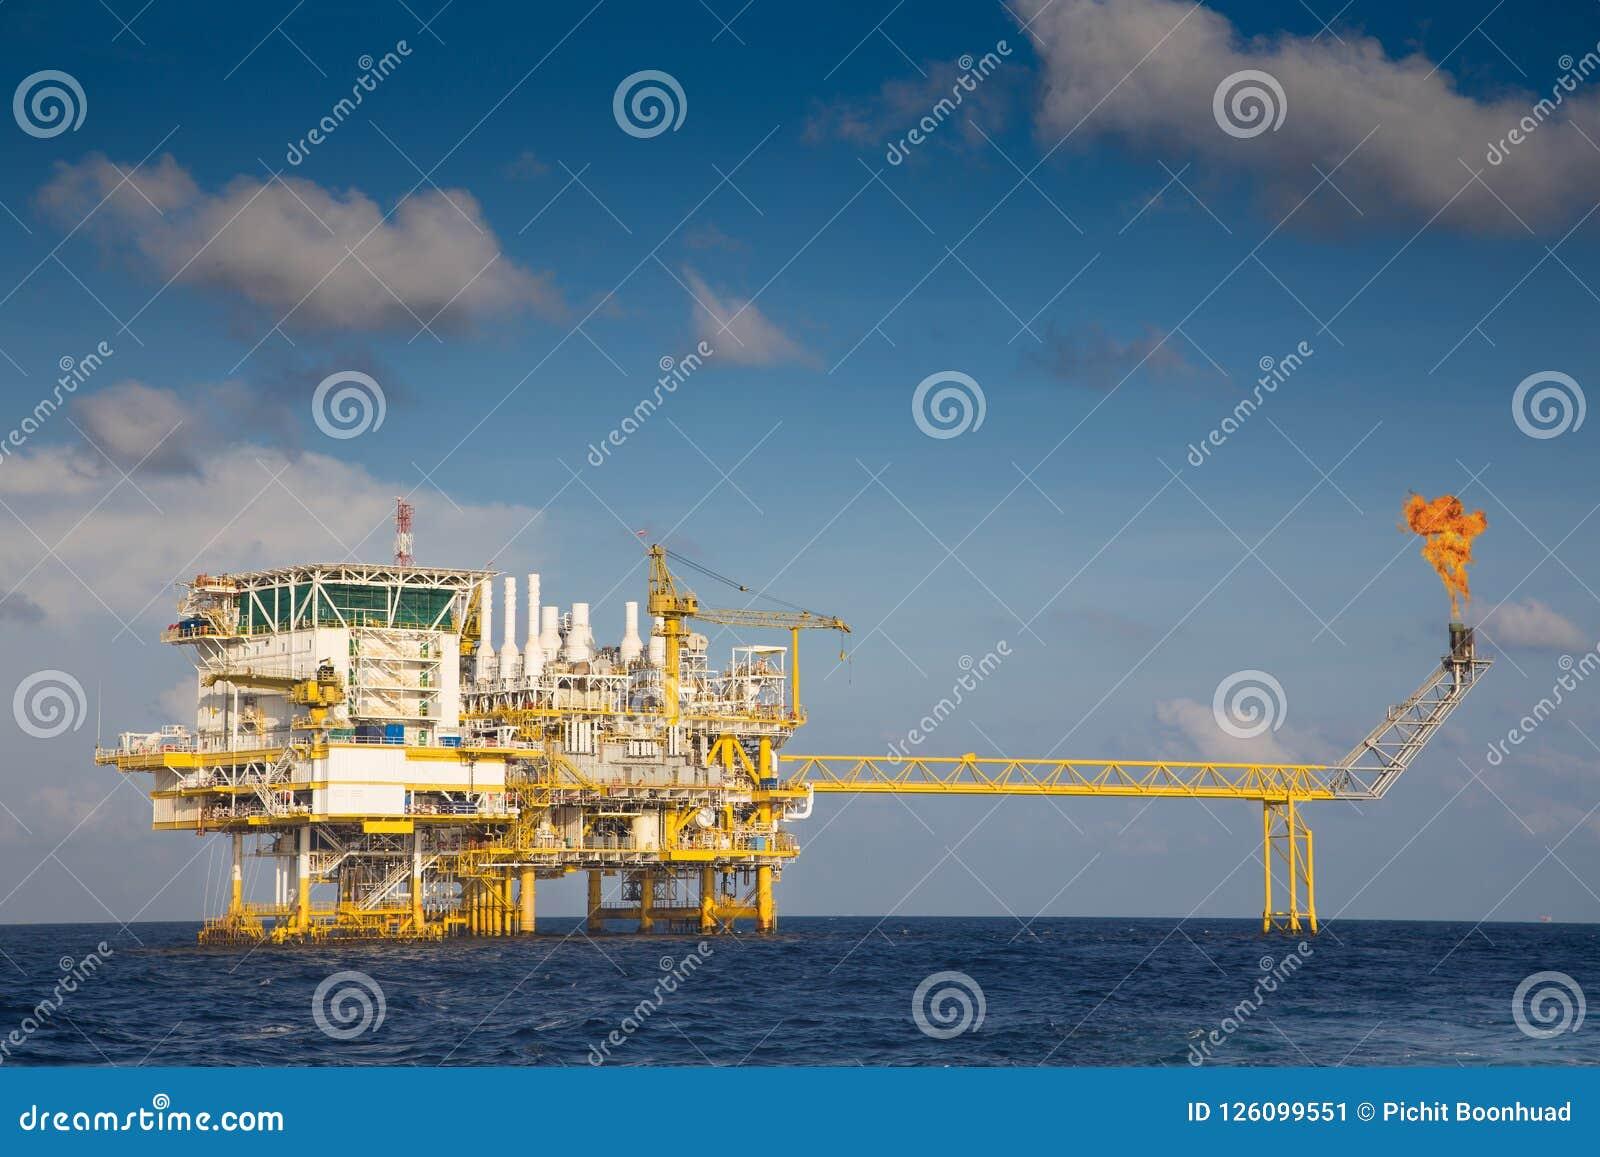 Central bearbeta plattform för frånlands- fossila bränslen och signalljusplattform, medan blossa förlorade gaser